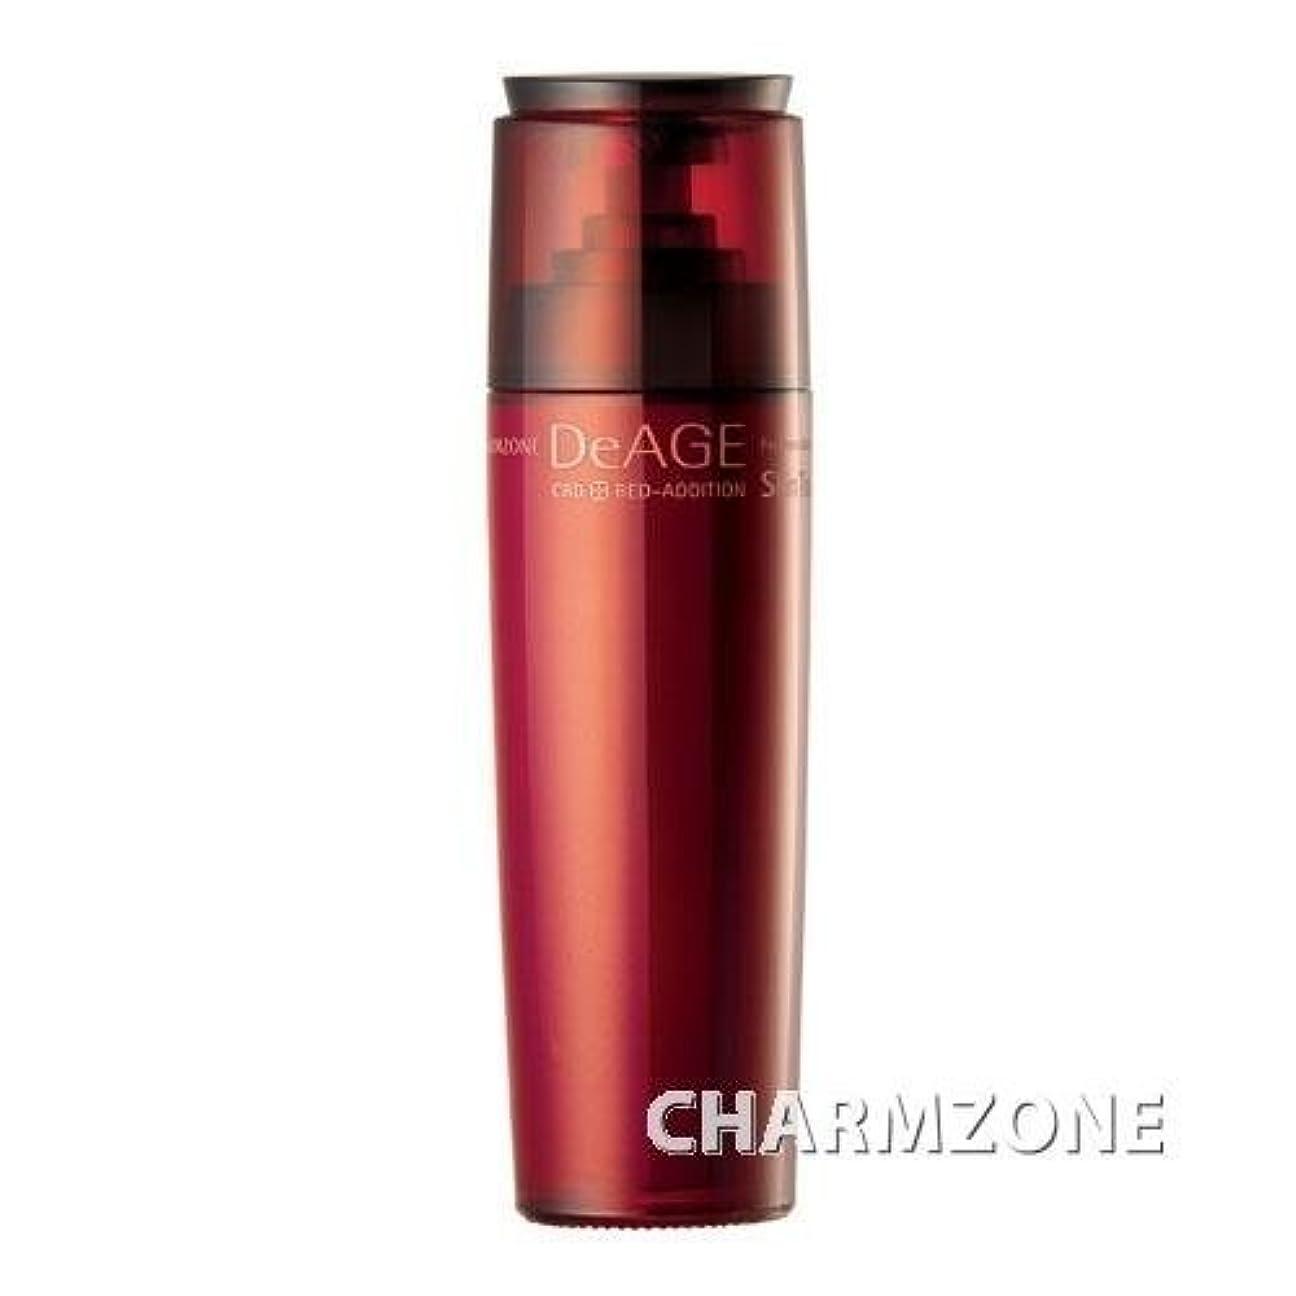 ウェイドワンダー燃料CHARMZONE DeAGE RED-ADDITION Skin Toner [Korean Import]